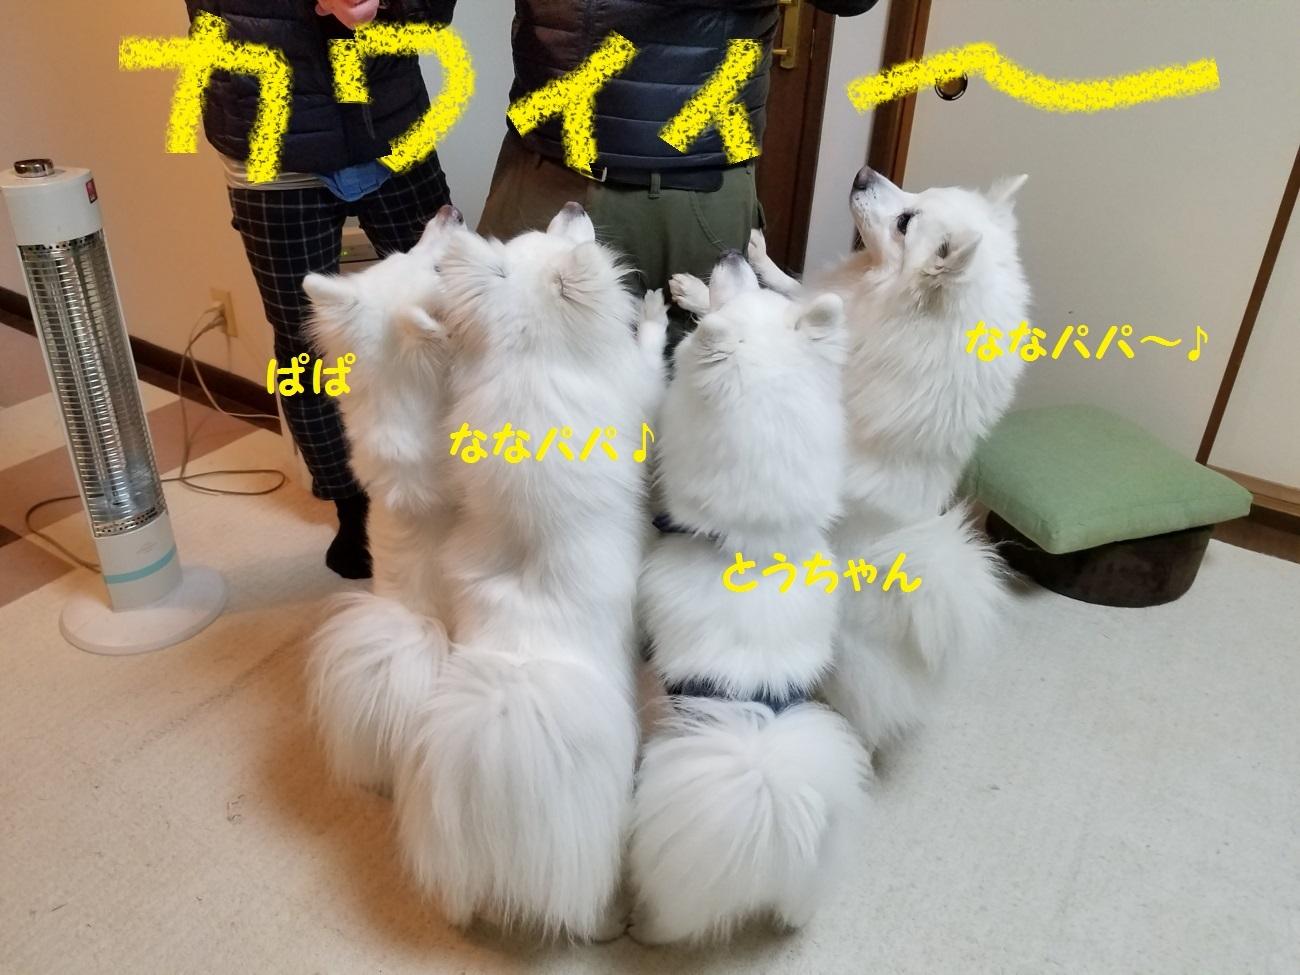 20170331_212840.jpg